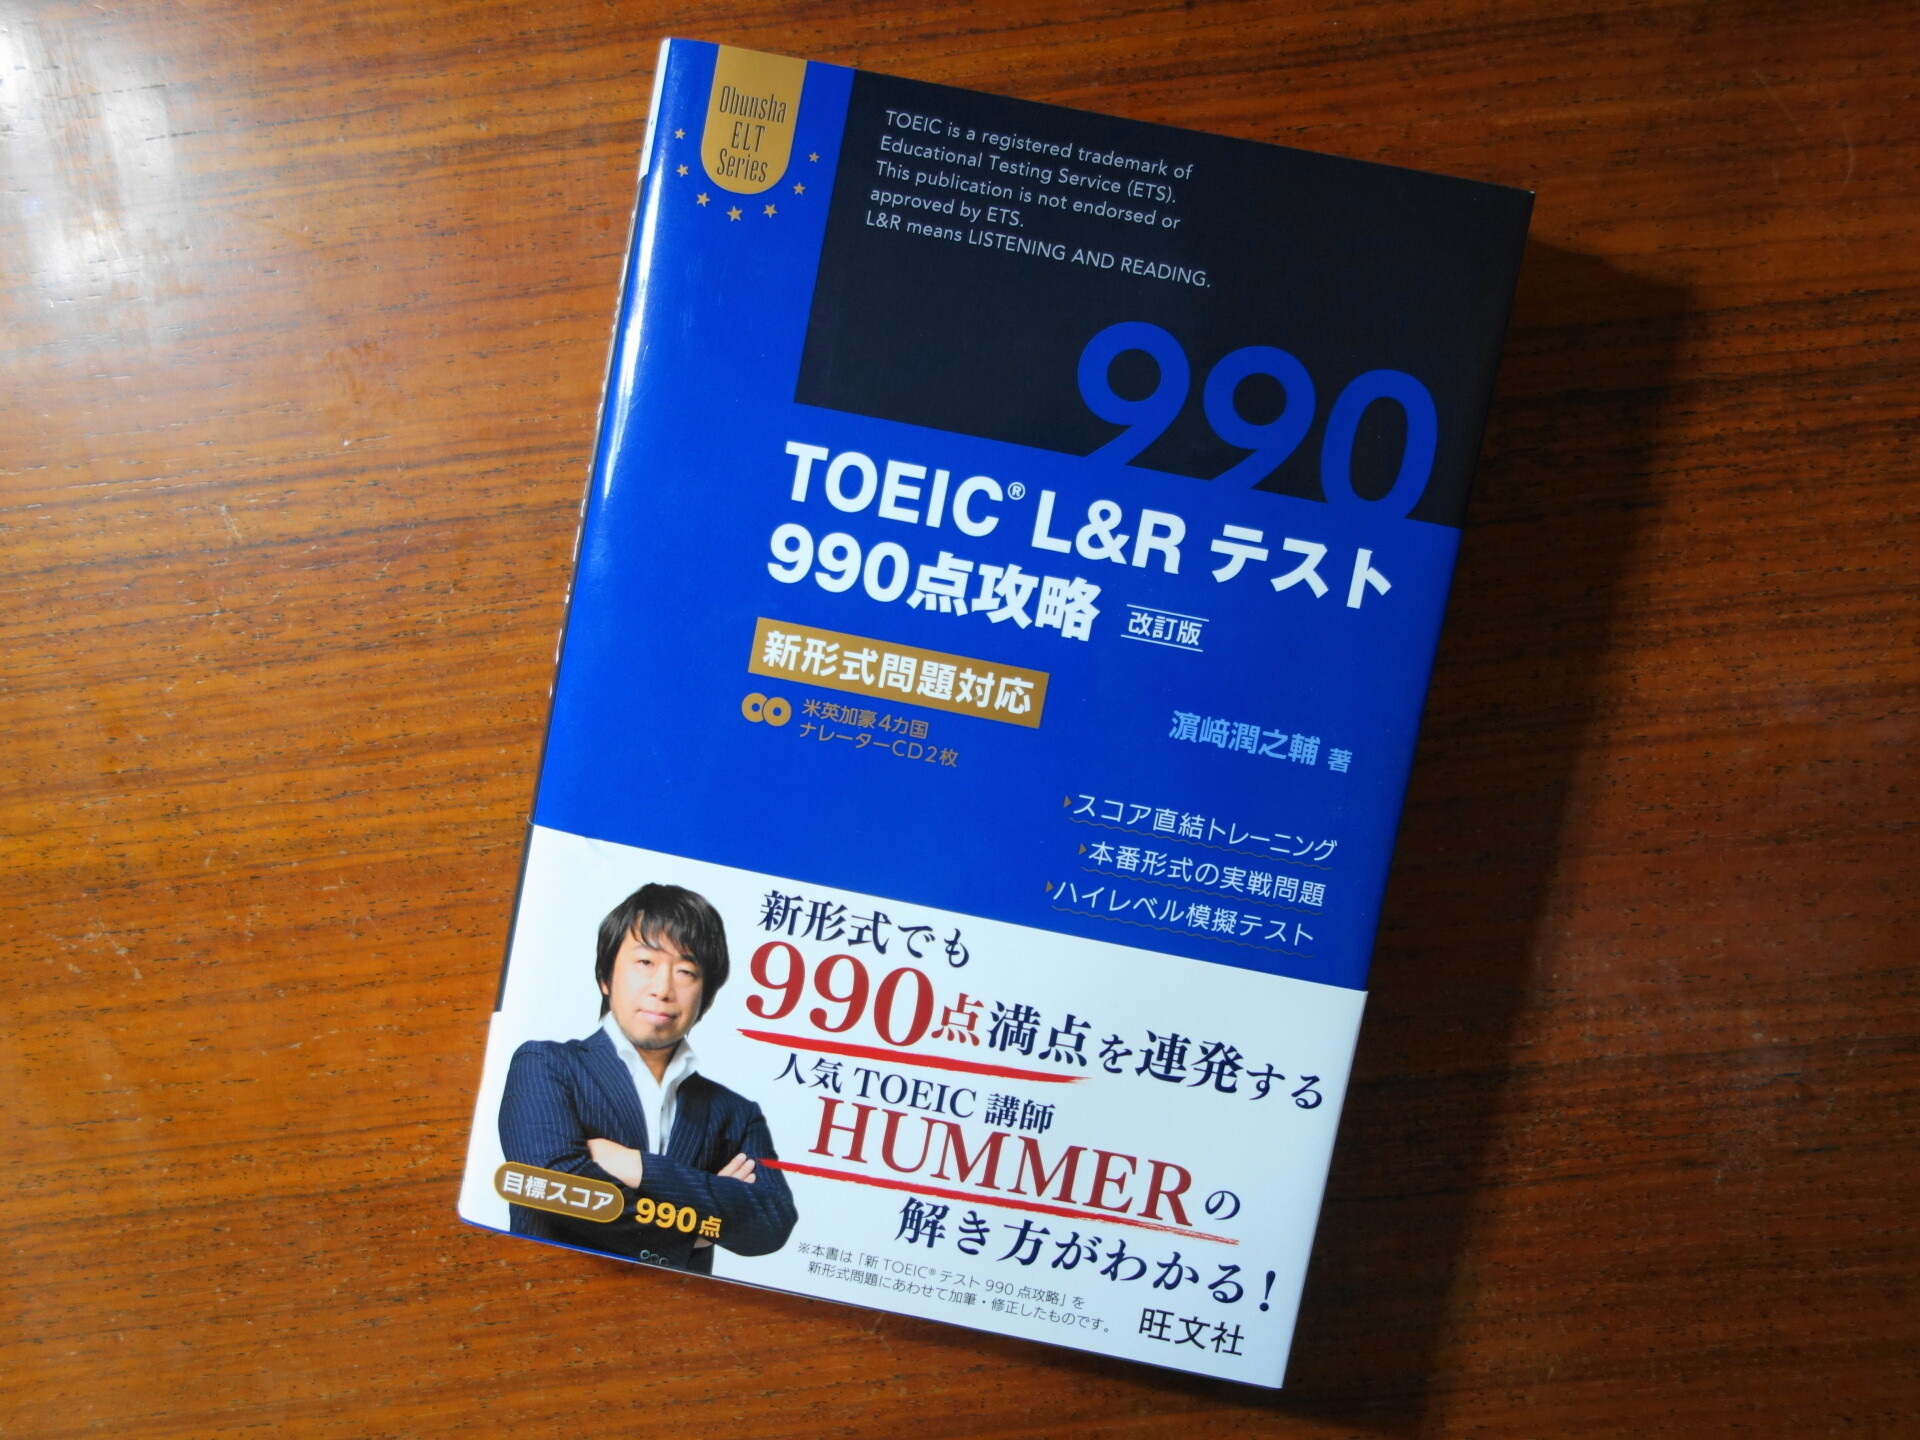 TOEIC L&Rテスト990点攻略の表紙